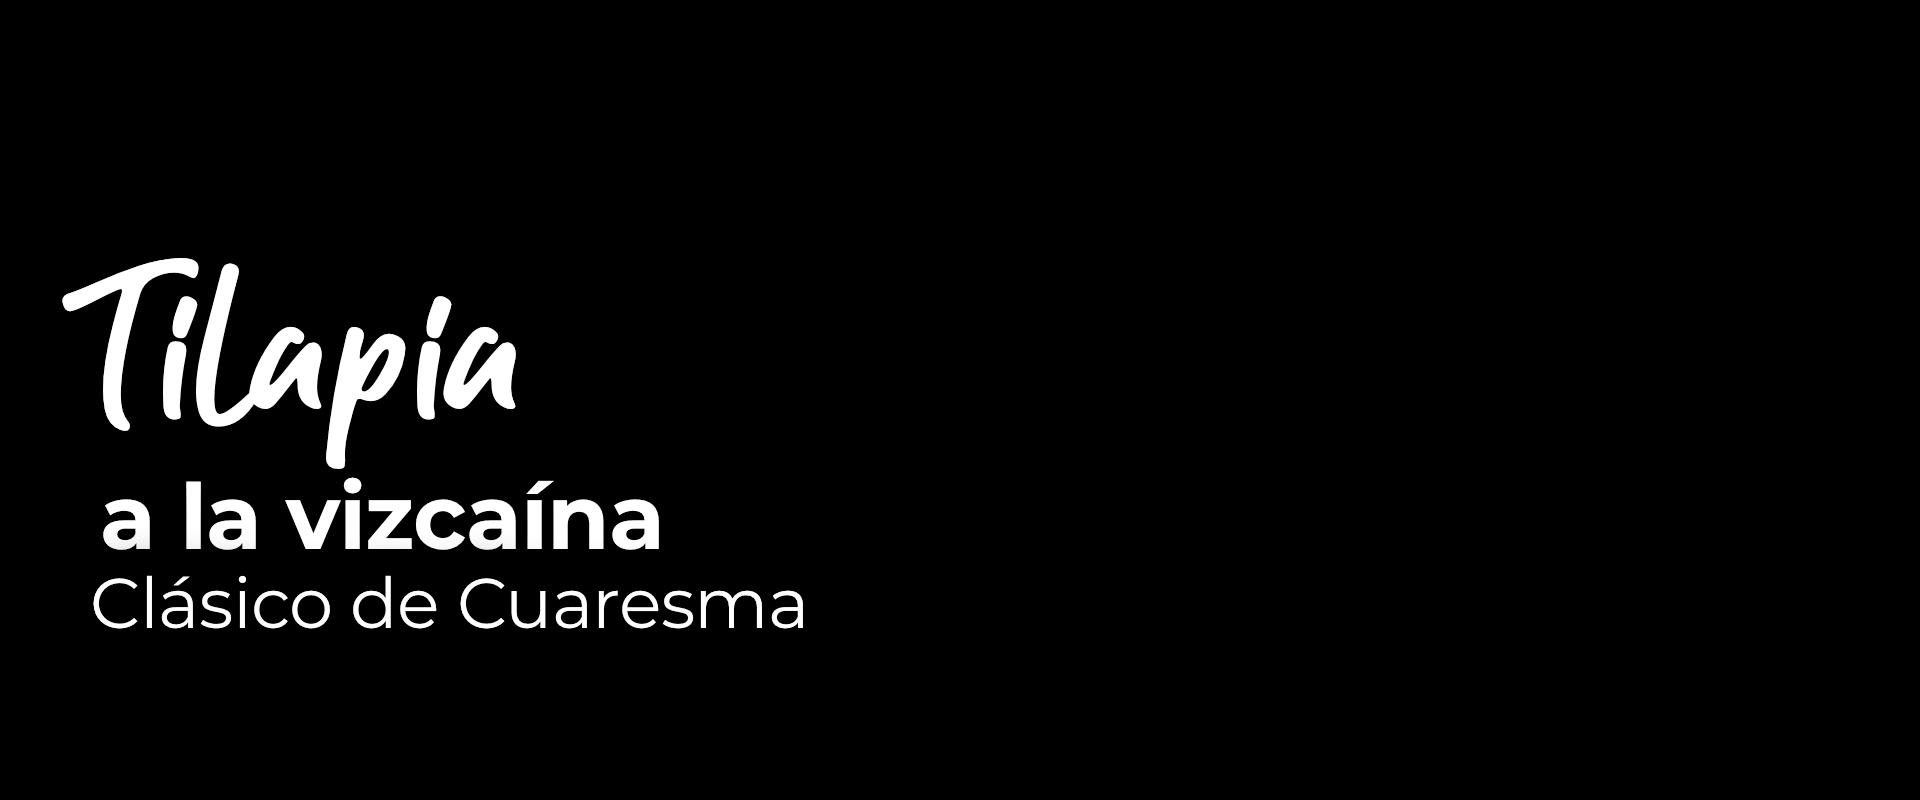 Tilapia a la vizcaína. Clásico de Cuaresma